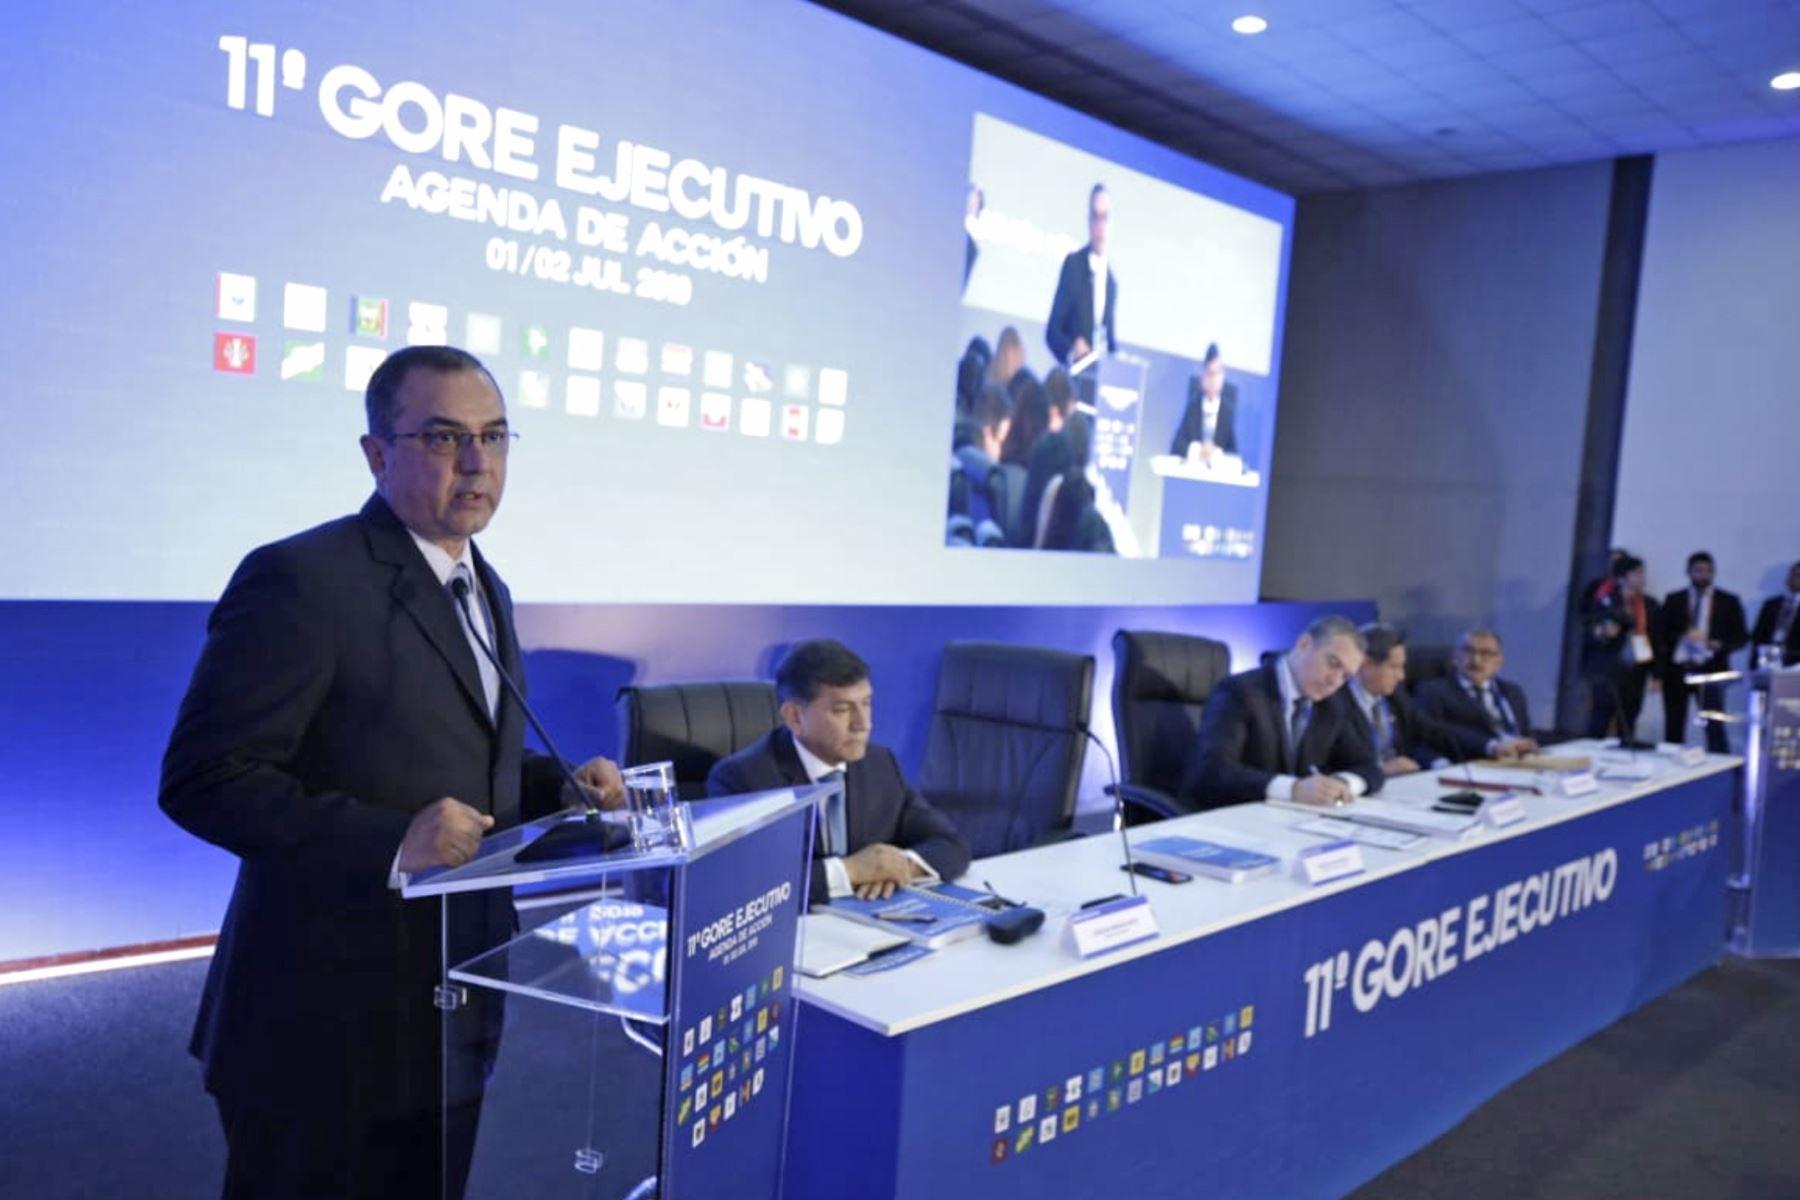 Ministro de Economía y Finanzas, Carlos Oliva, participa en 11 Gore Ejecutivo, donde presenta los avances en ejecución presupuestal.